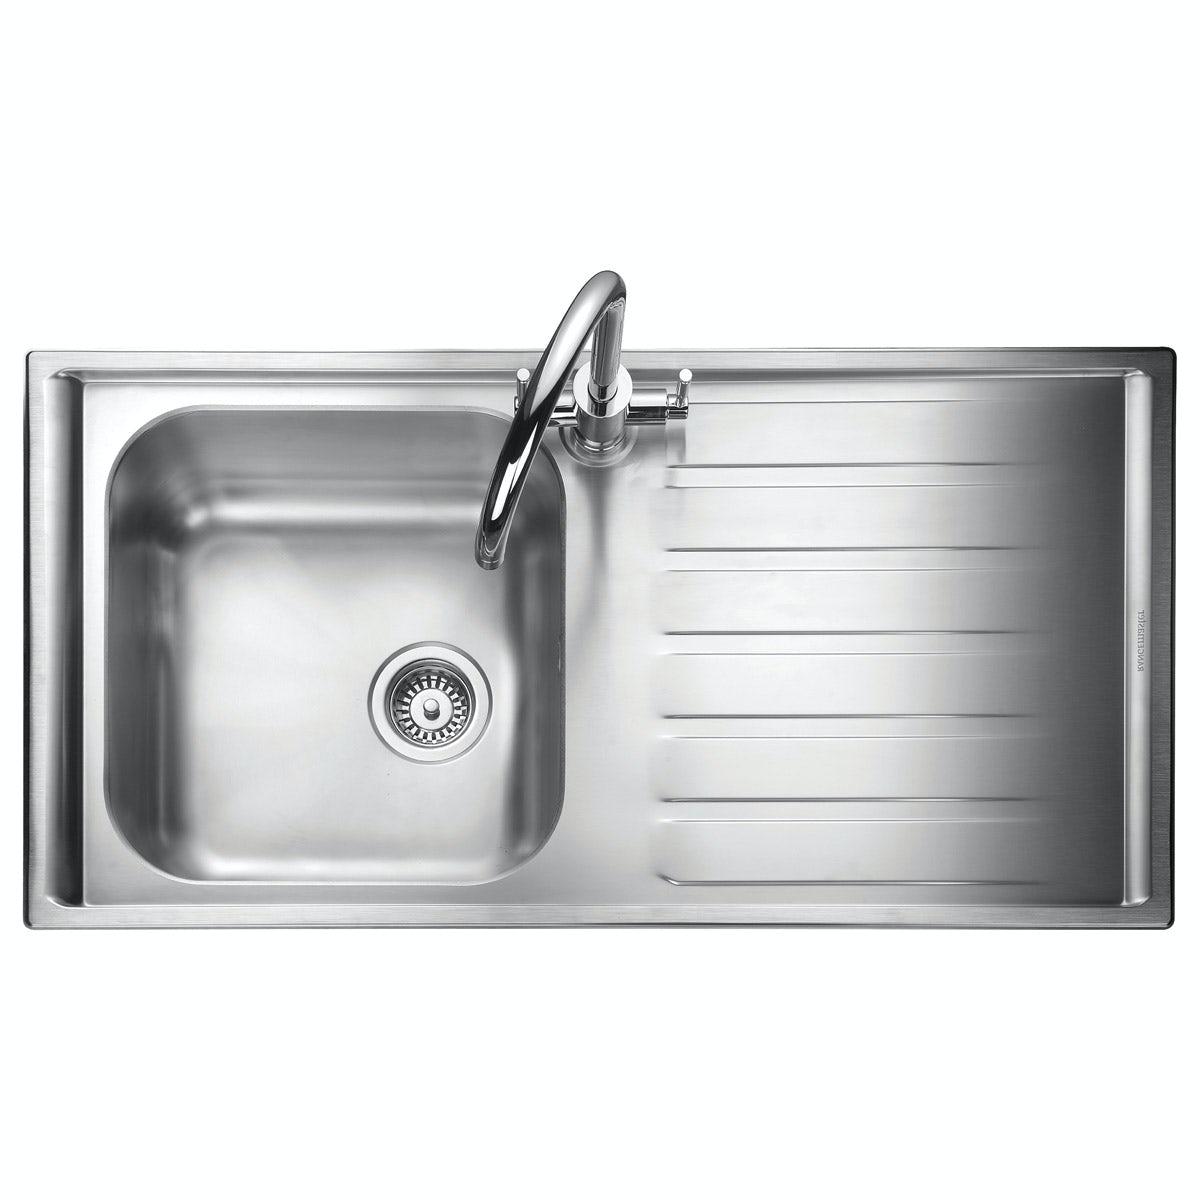 Rangemaster Manhattan 1.0 bowl right handed kitchen sink with waste kit